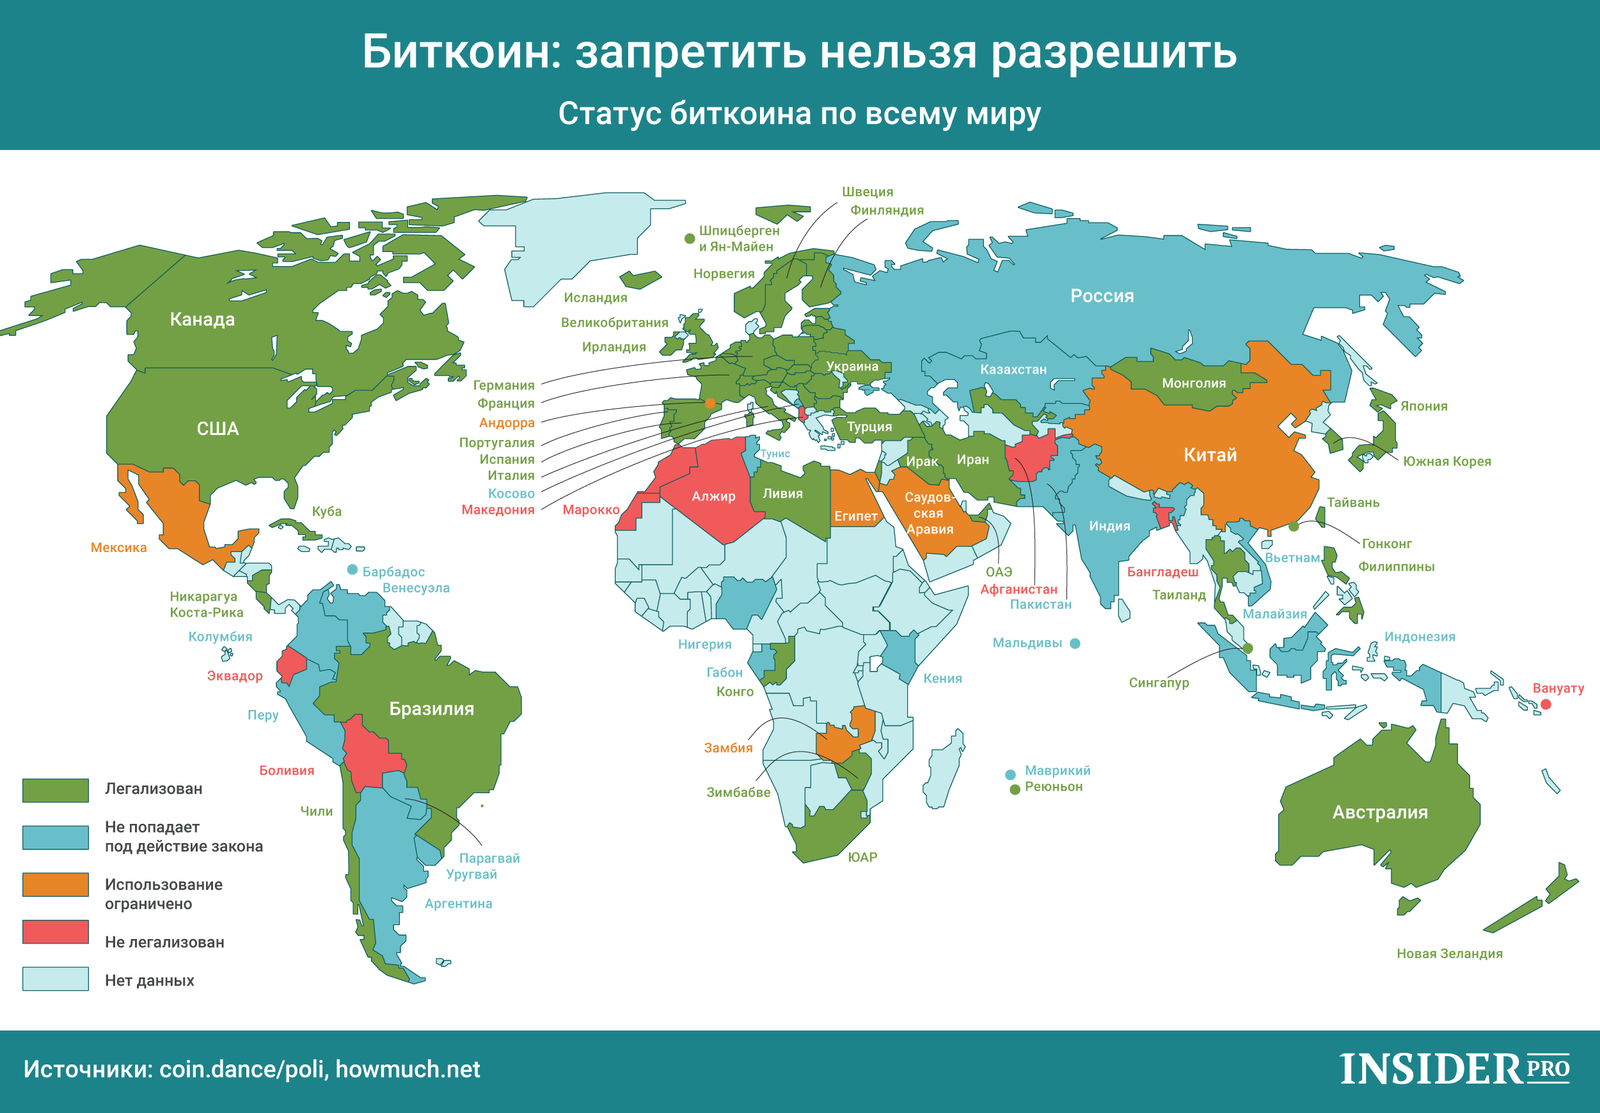 Криптовалюта в странах мира биржи онлайн бинарными опционами